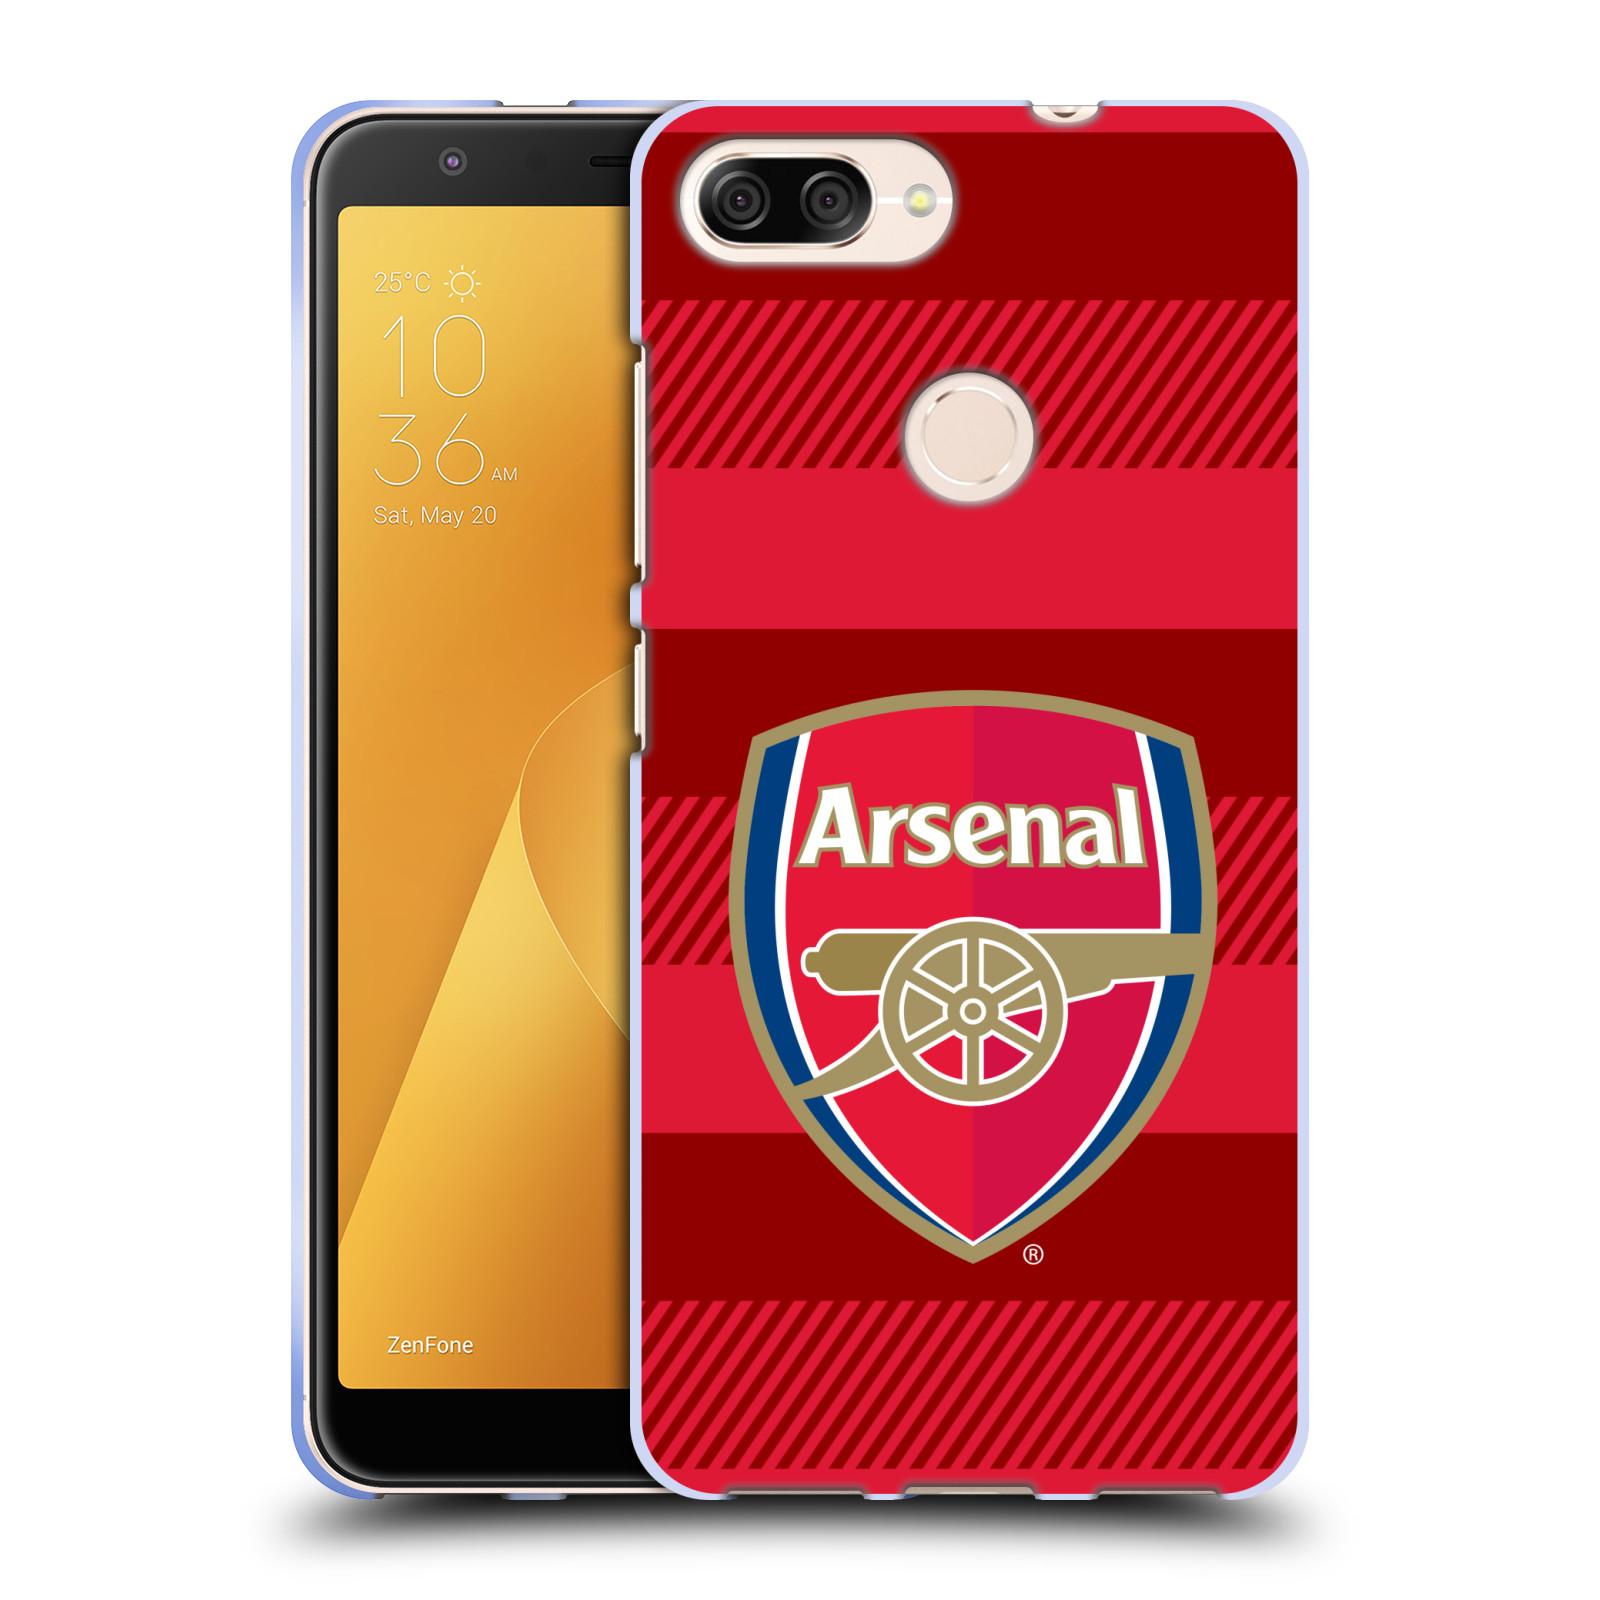 Silikonové pouzdro na mobil Asus ZenFone Max Plus (M1) - Head Case - Arsenal FC - Logo s pruhy